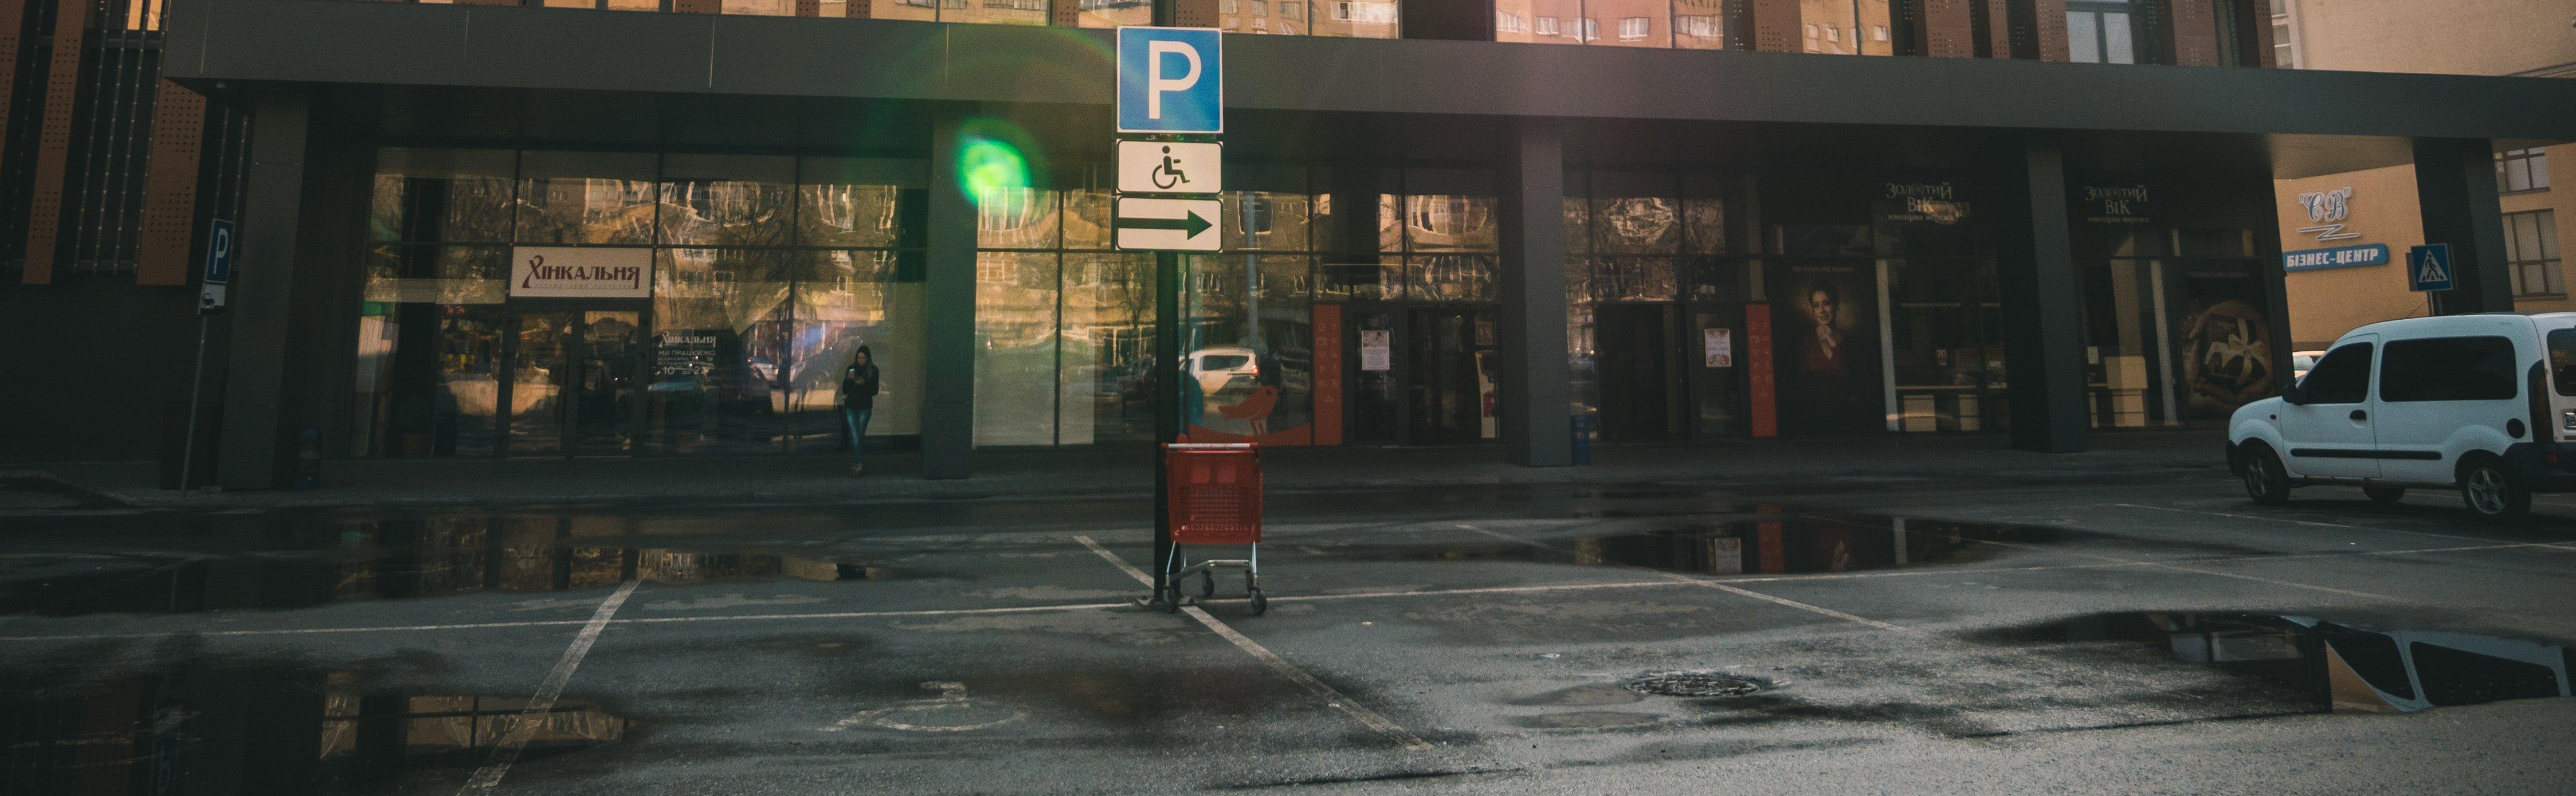 parking lot puddles